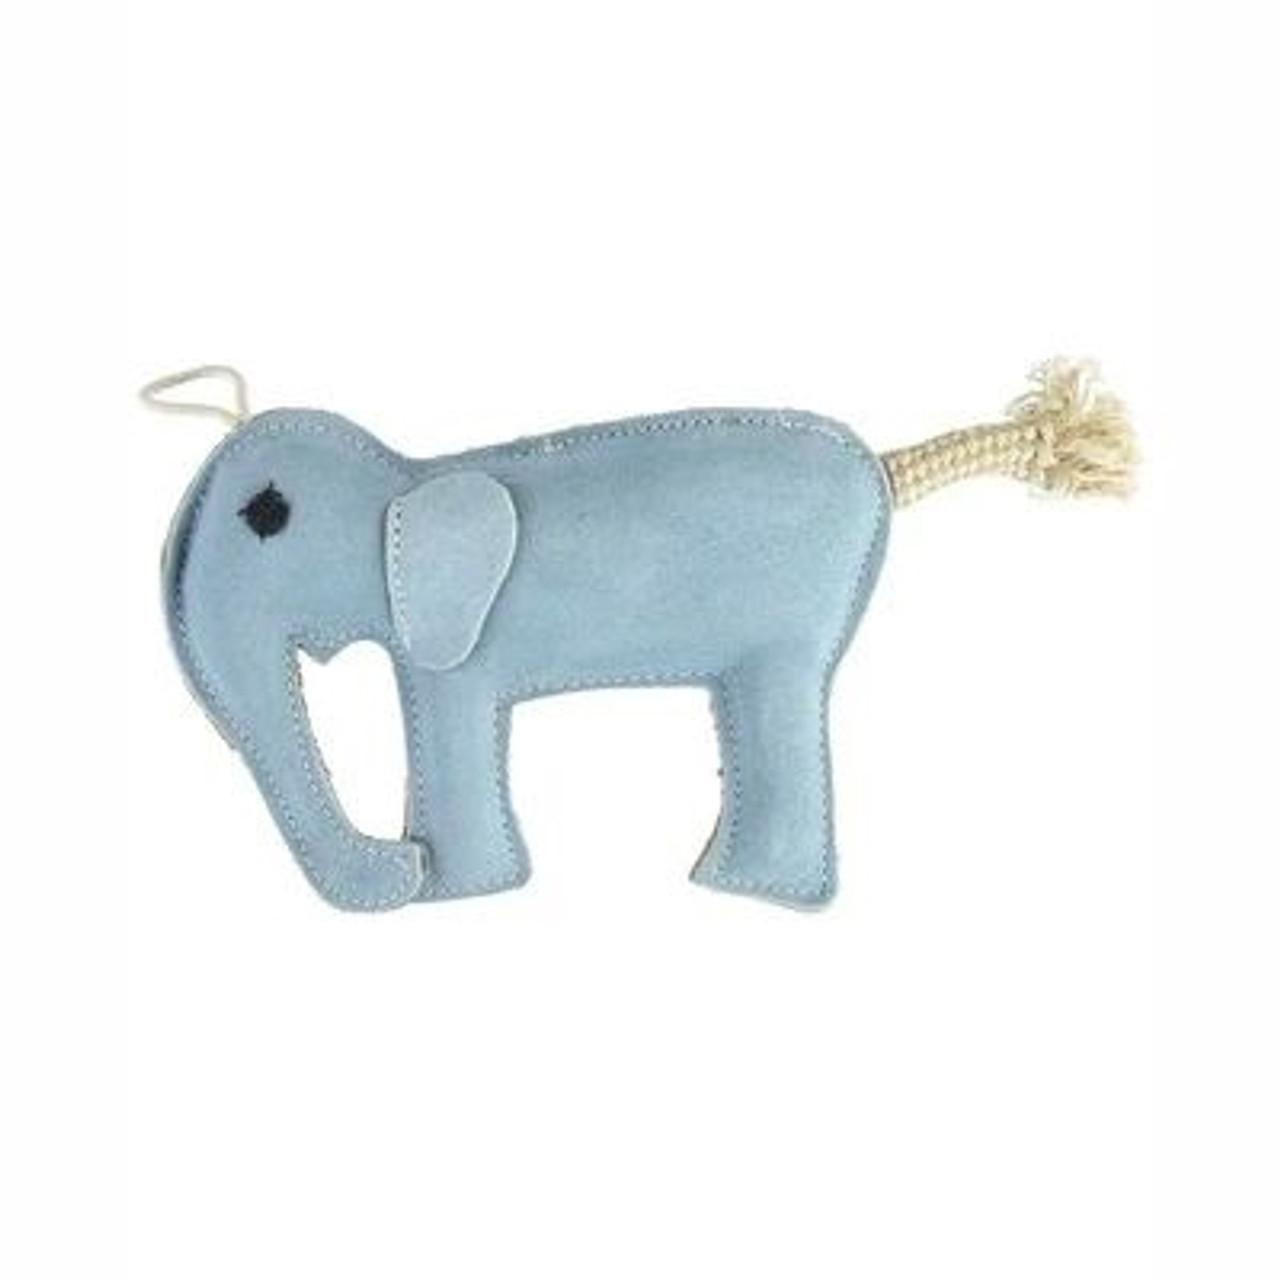 Leather Dog Toys - Elephant